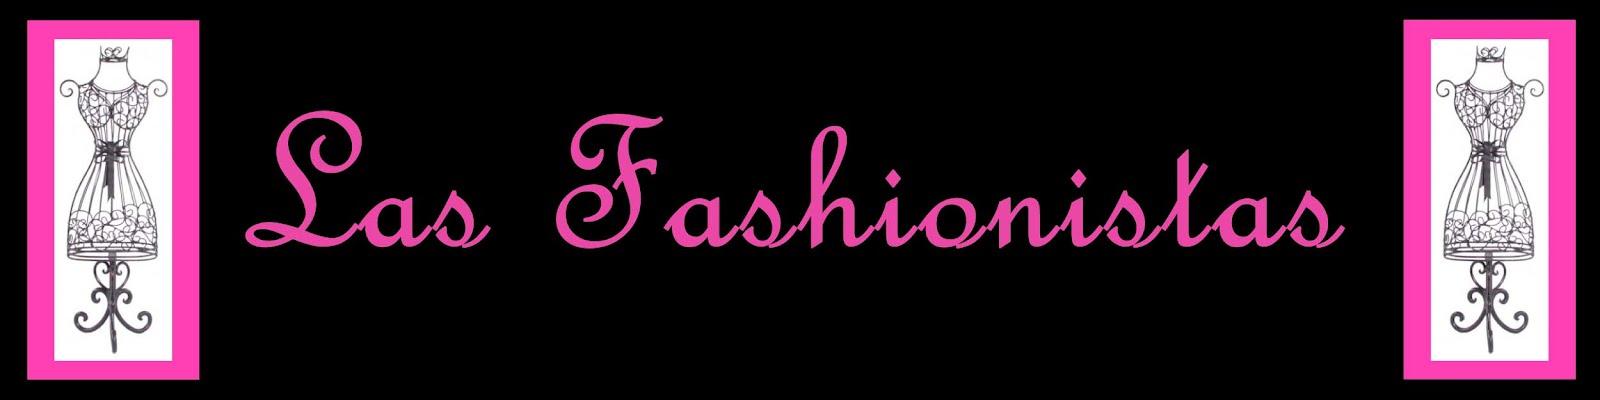 Las Fashionistas